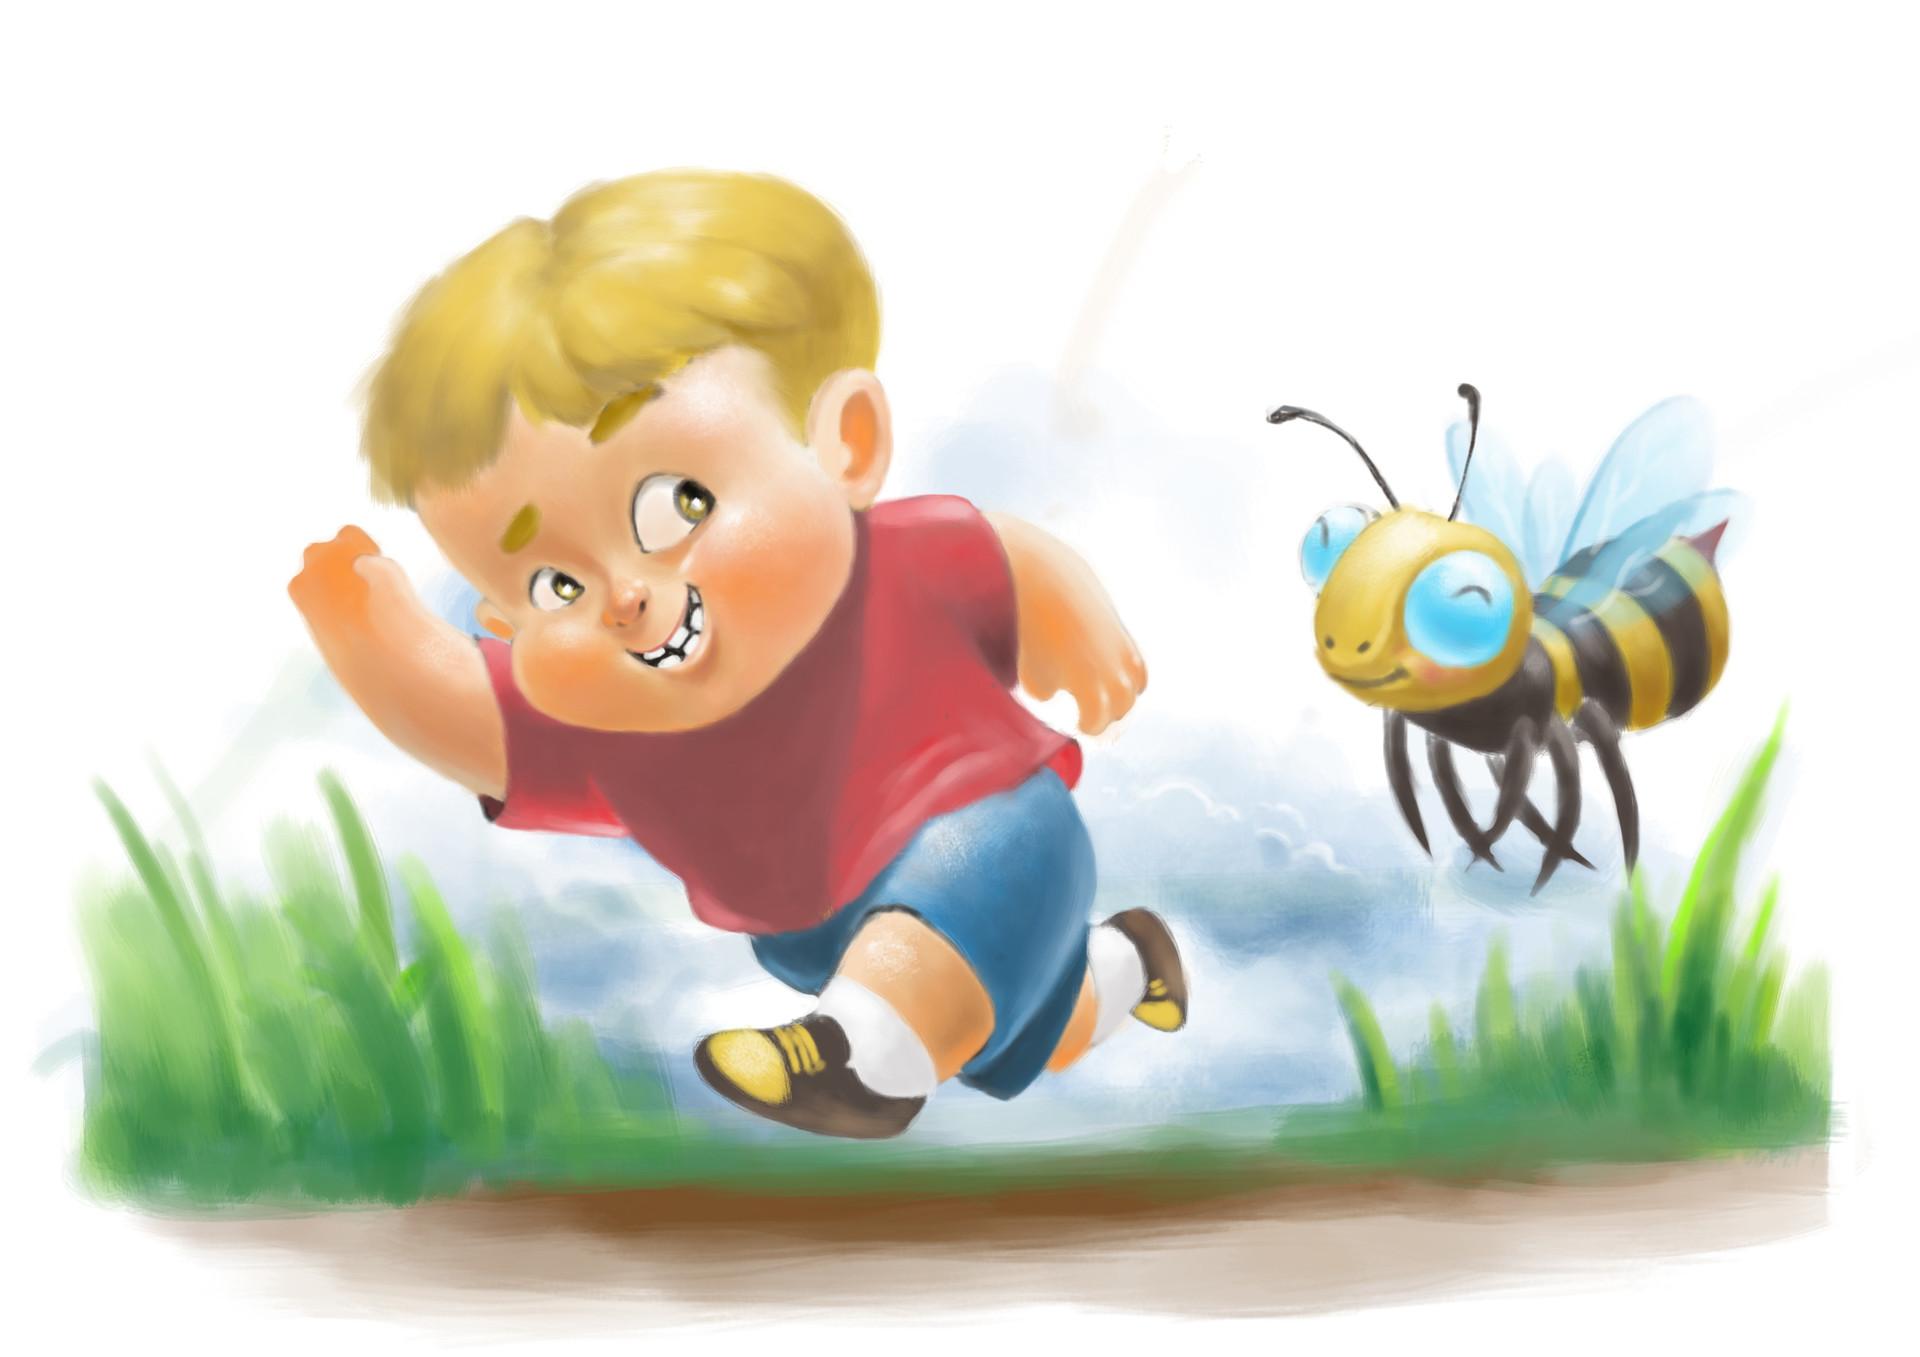 Taufiqurrahman hidayat madu nutrisi untuk tumbuh kembang anak